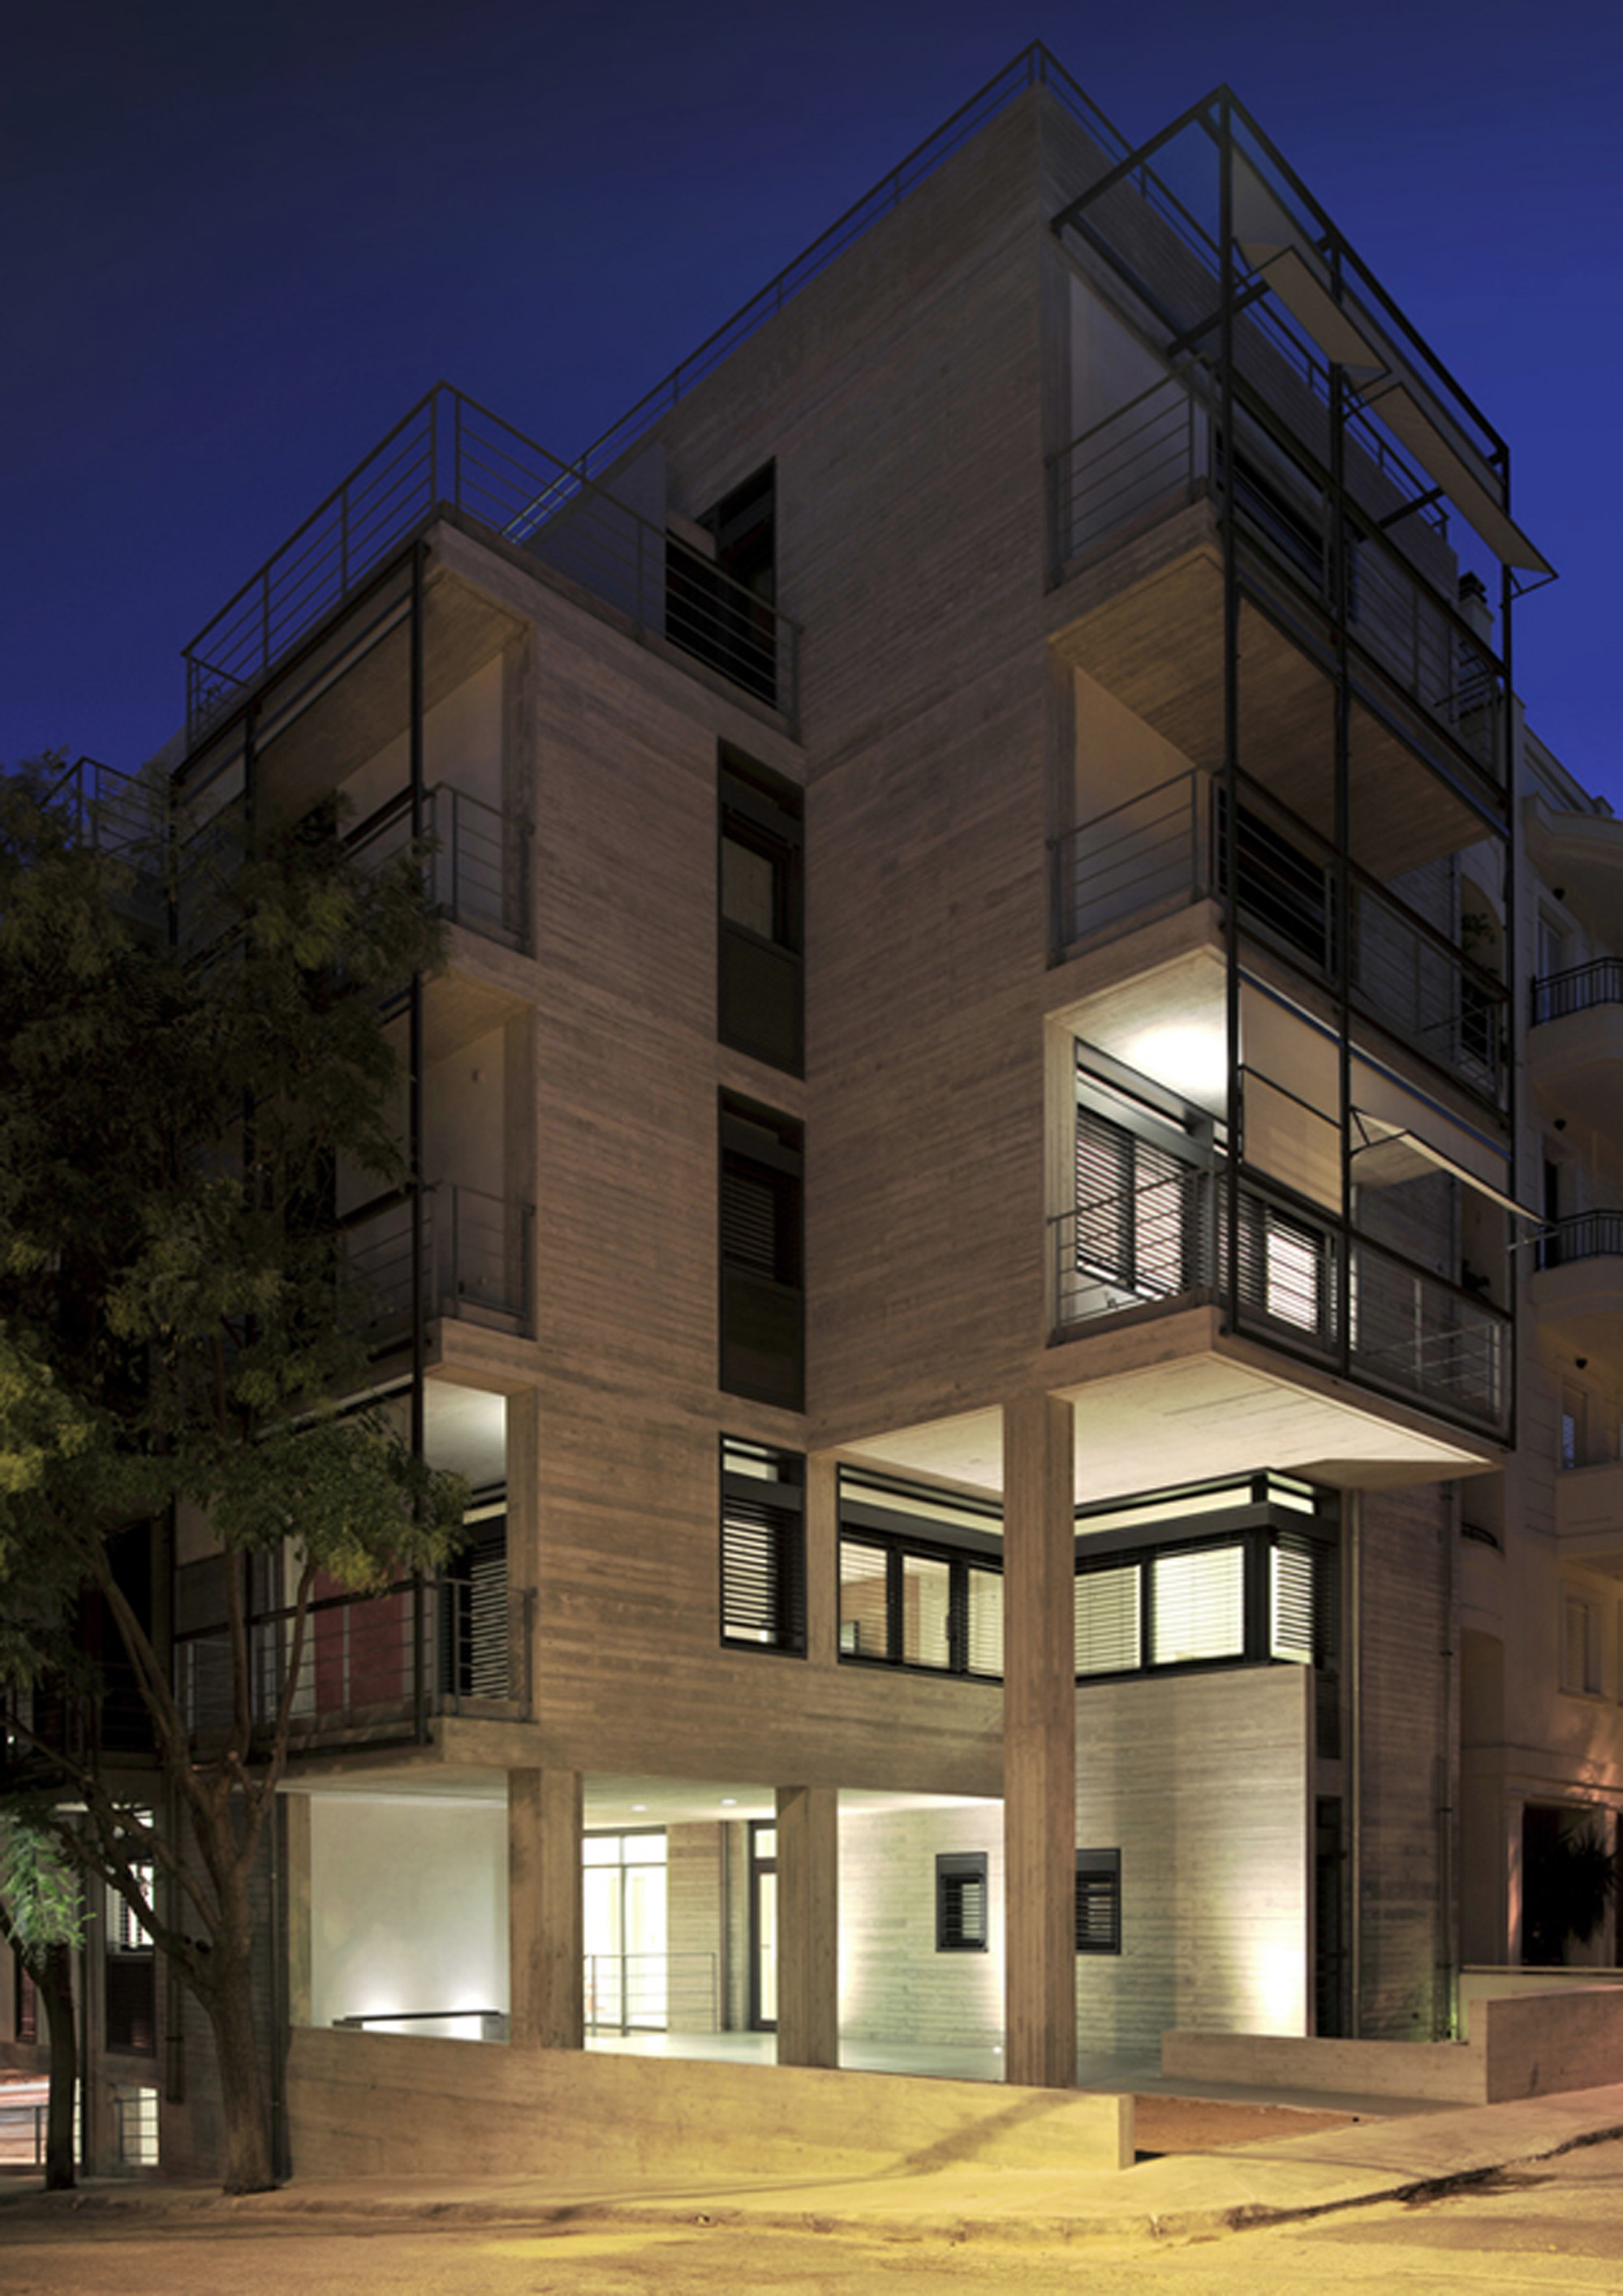 Gallery Of Apartment Building In Deinokratous Street Athens Giorgos Aggelis 12